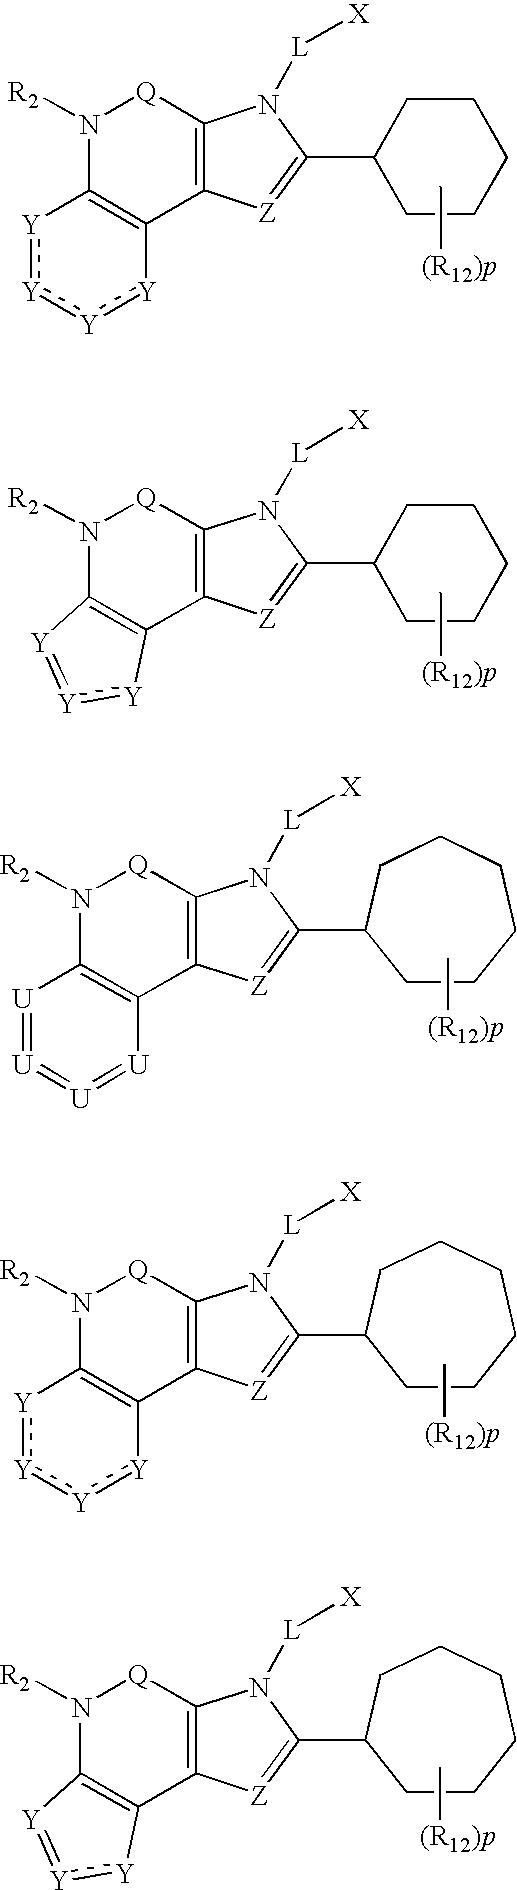 Figure US07169926-20070130-C00020